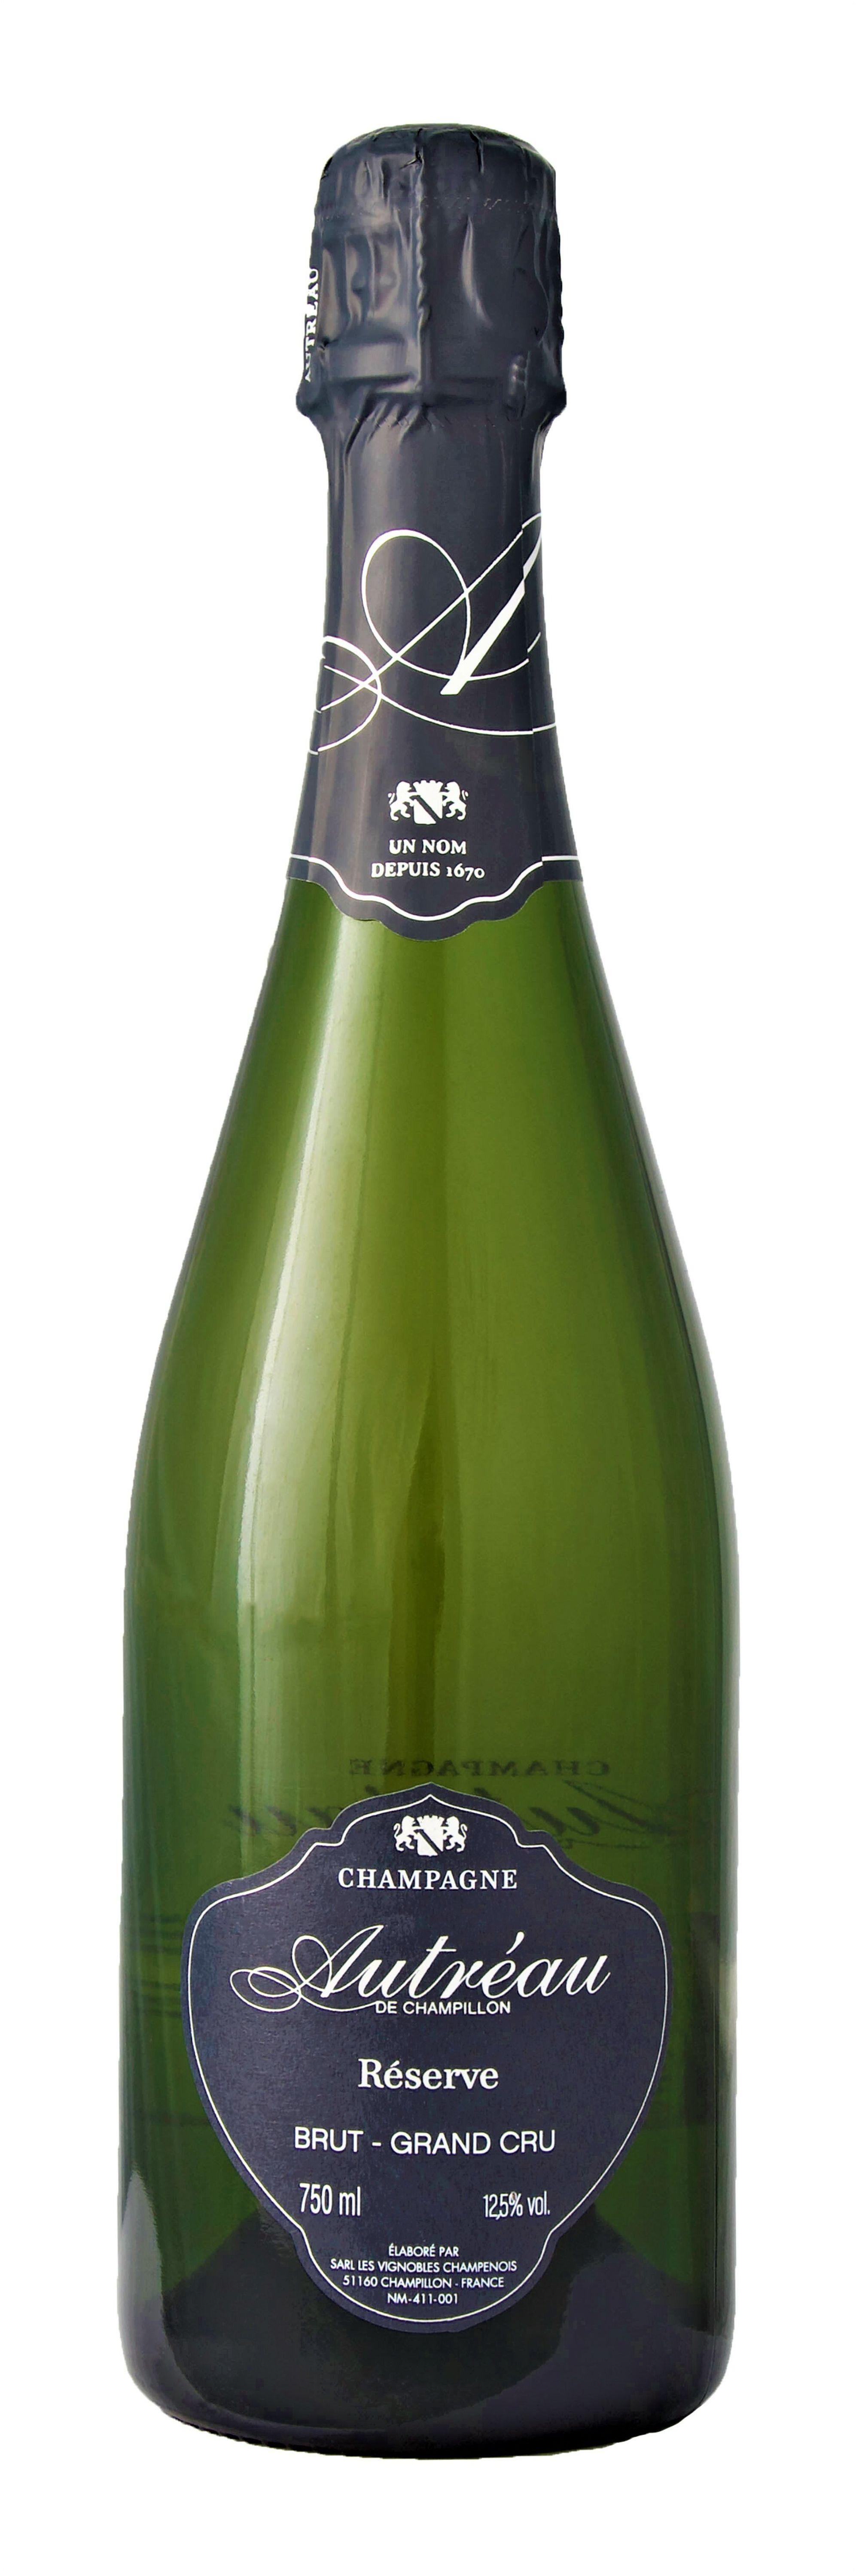 Planlegger du sjømat på 17. mai, gå for denne champagnen i